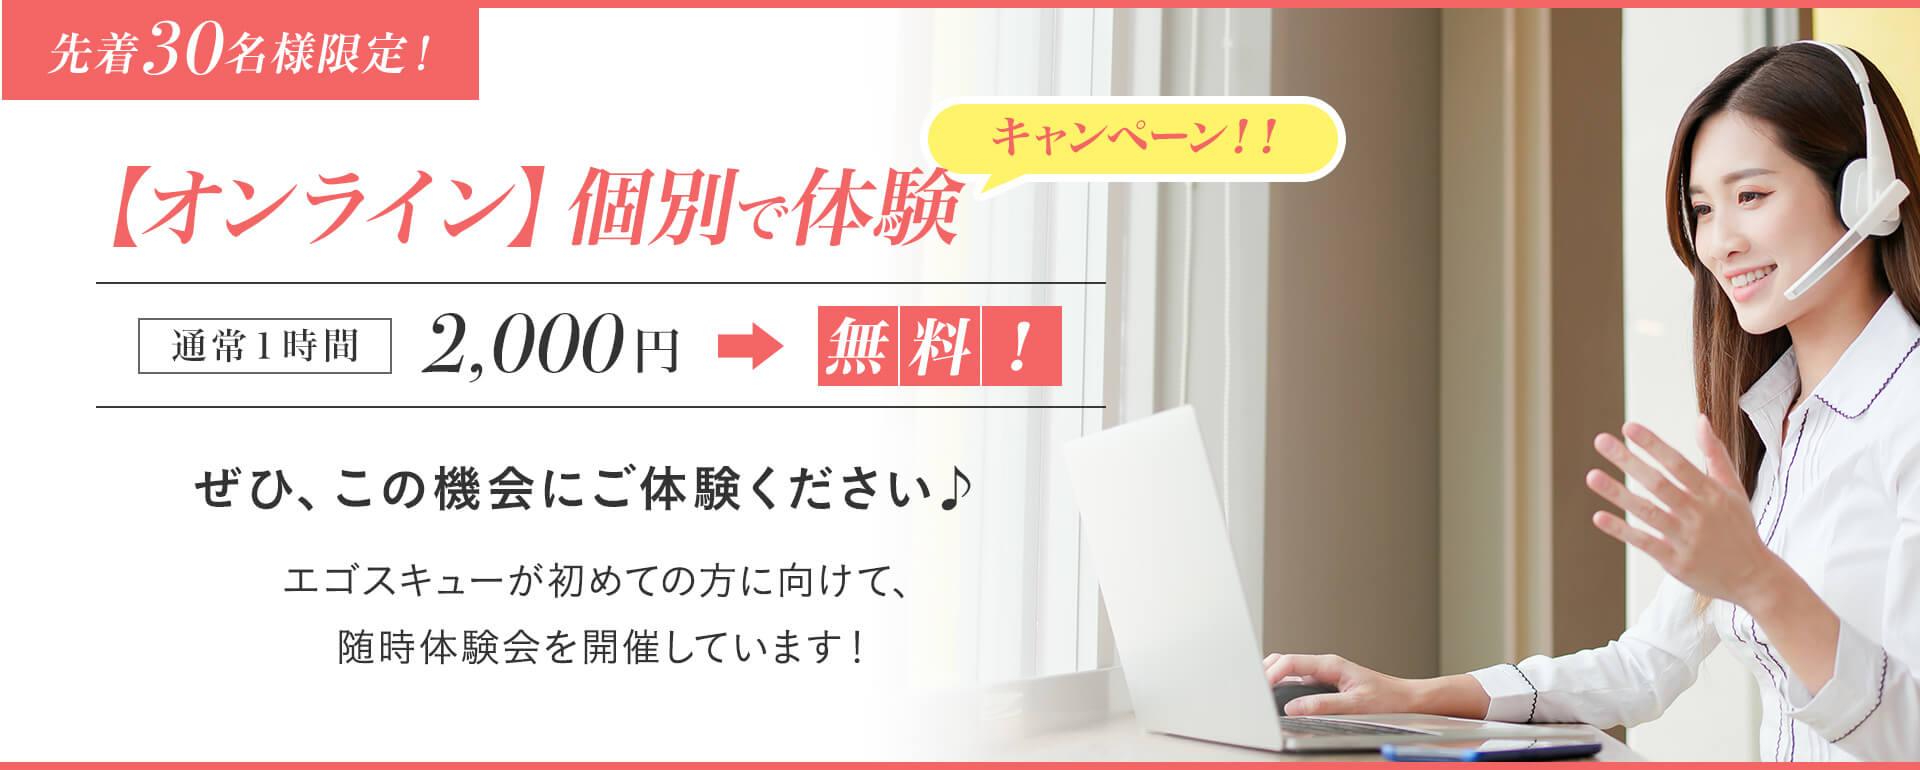 【オンライン】個別で体験キャンペーン!!通常1時間2,000円が無料!ぜひ、この機会にご体験ください♪エゴスキューが初めての方に向けて、 随時体験会を開催しています!